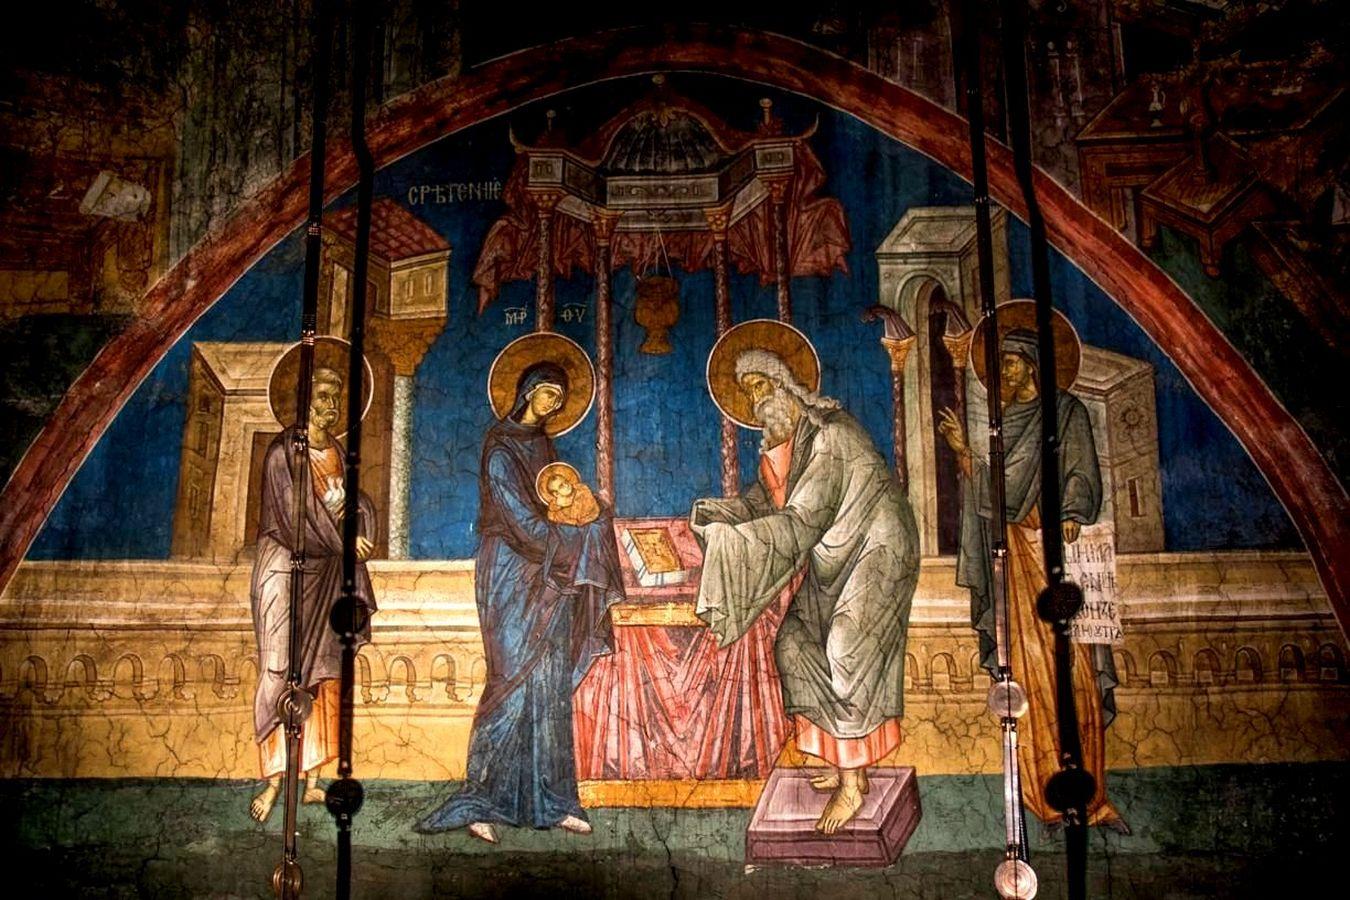 Сретение Господне. Фреска монастыря Высокие Дечаны, Косово и Метохия, Сербия. До 1350 года.